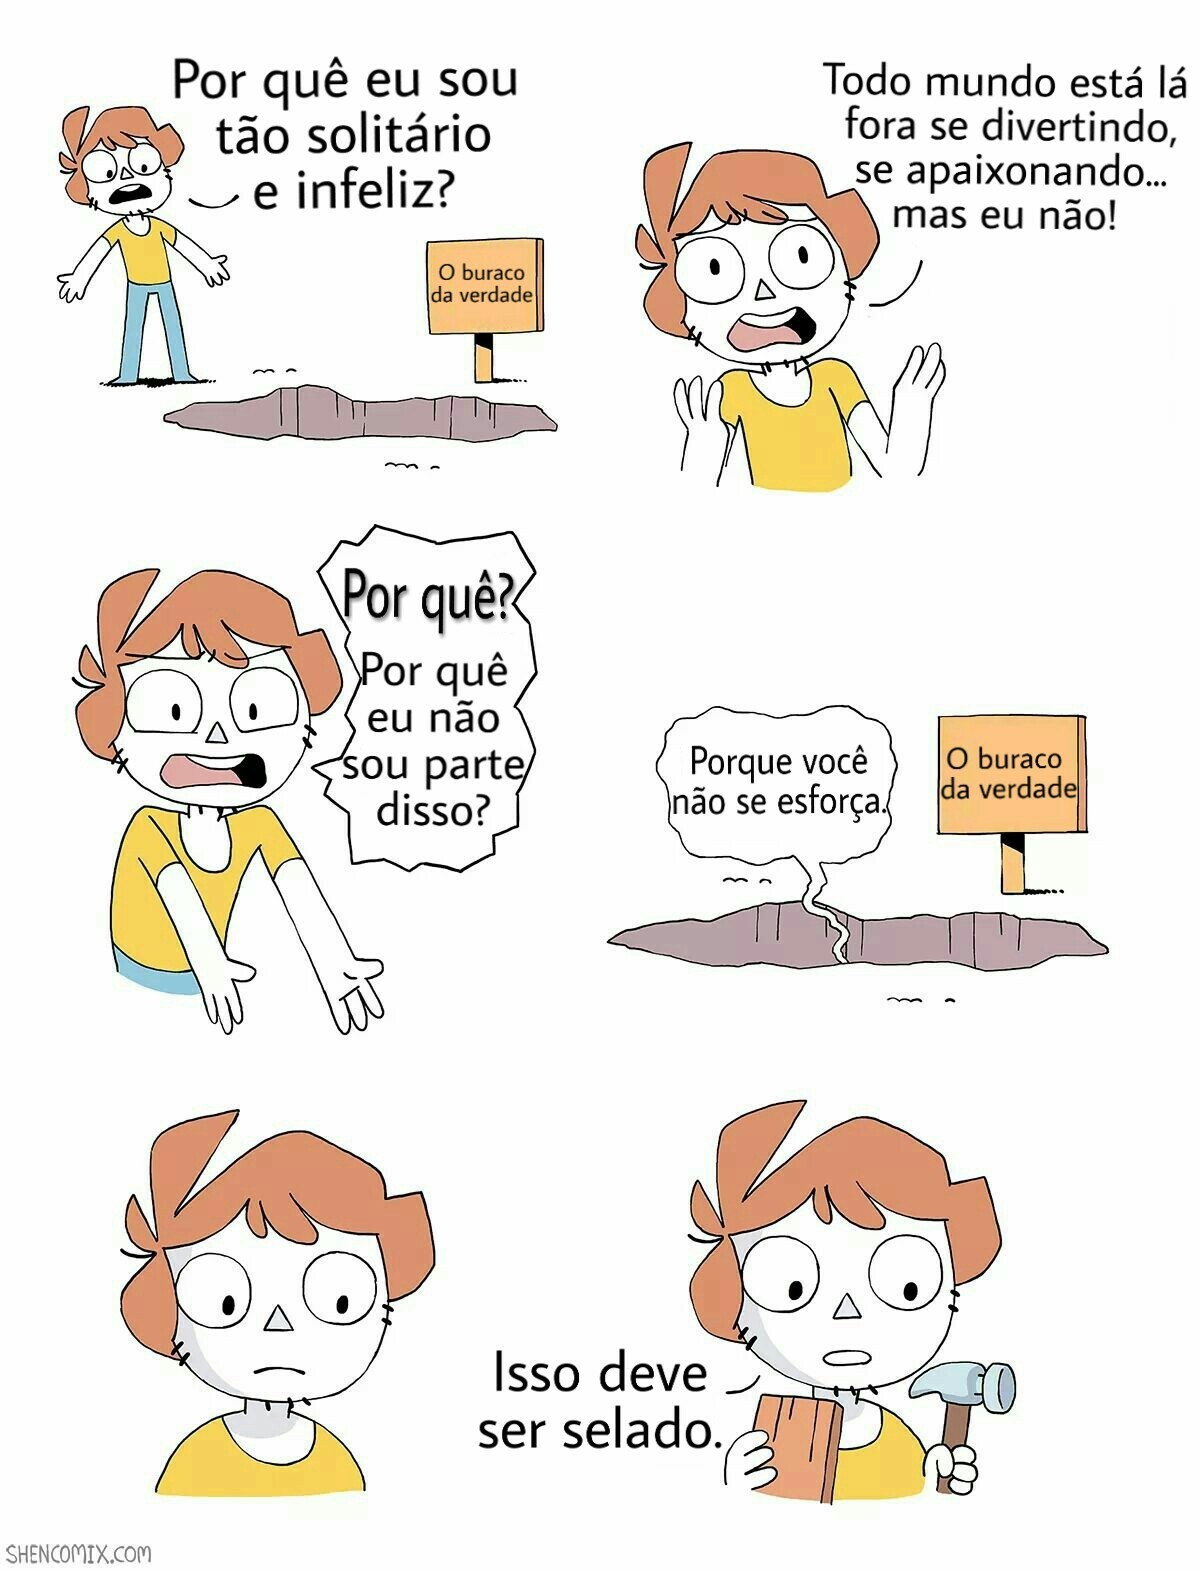 Traduções do Esqueleto - meme